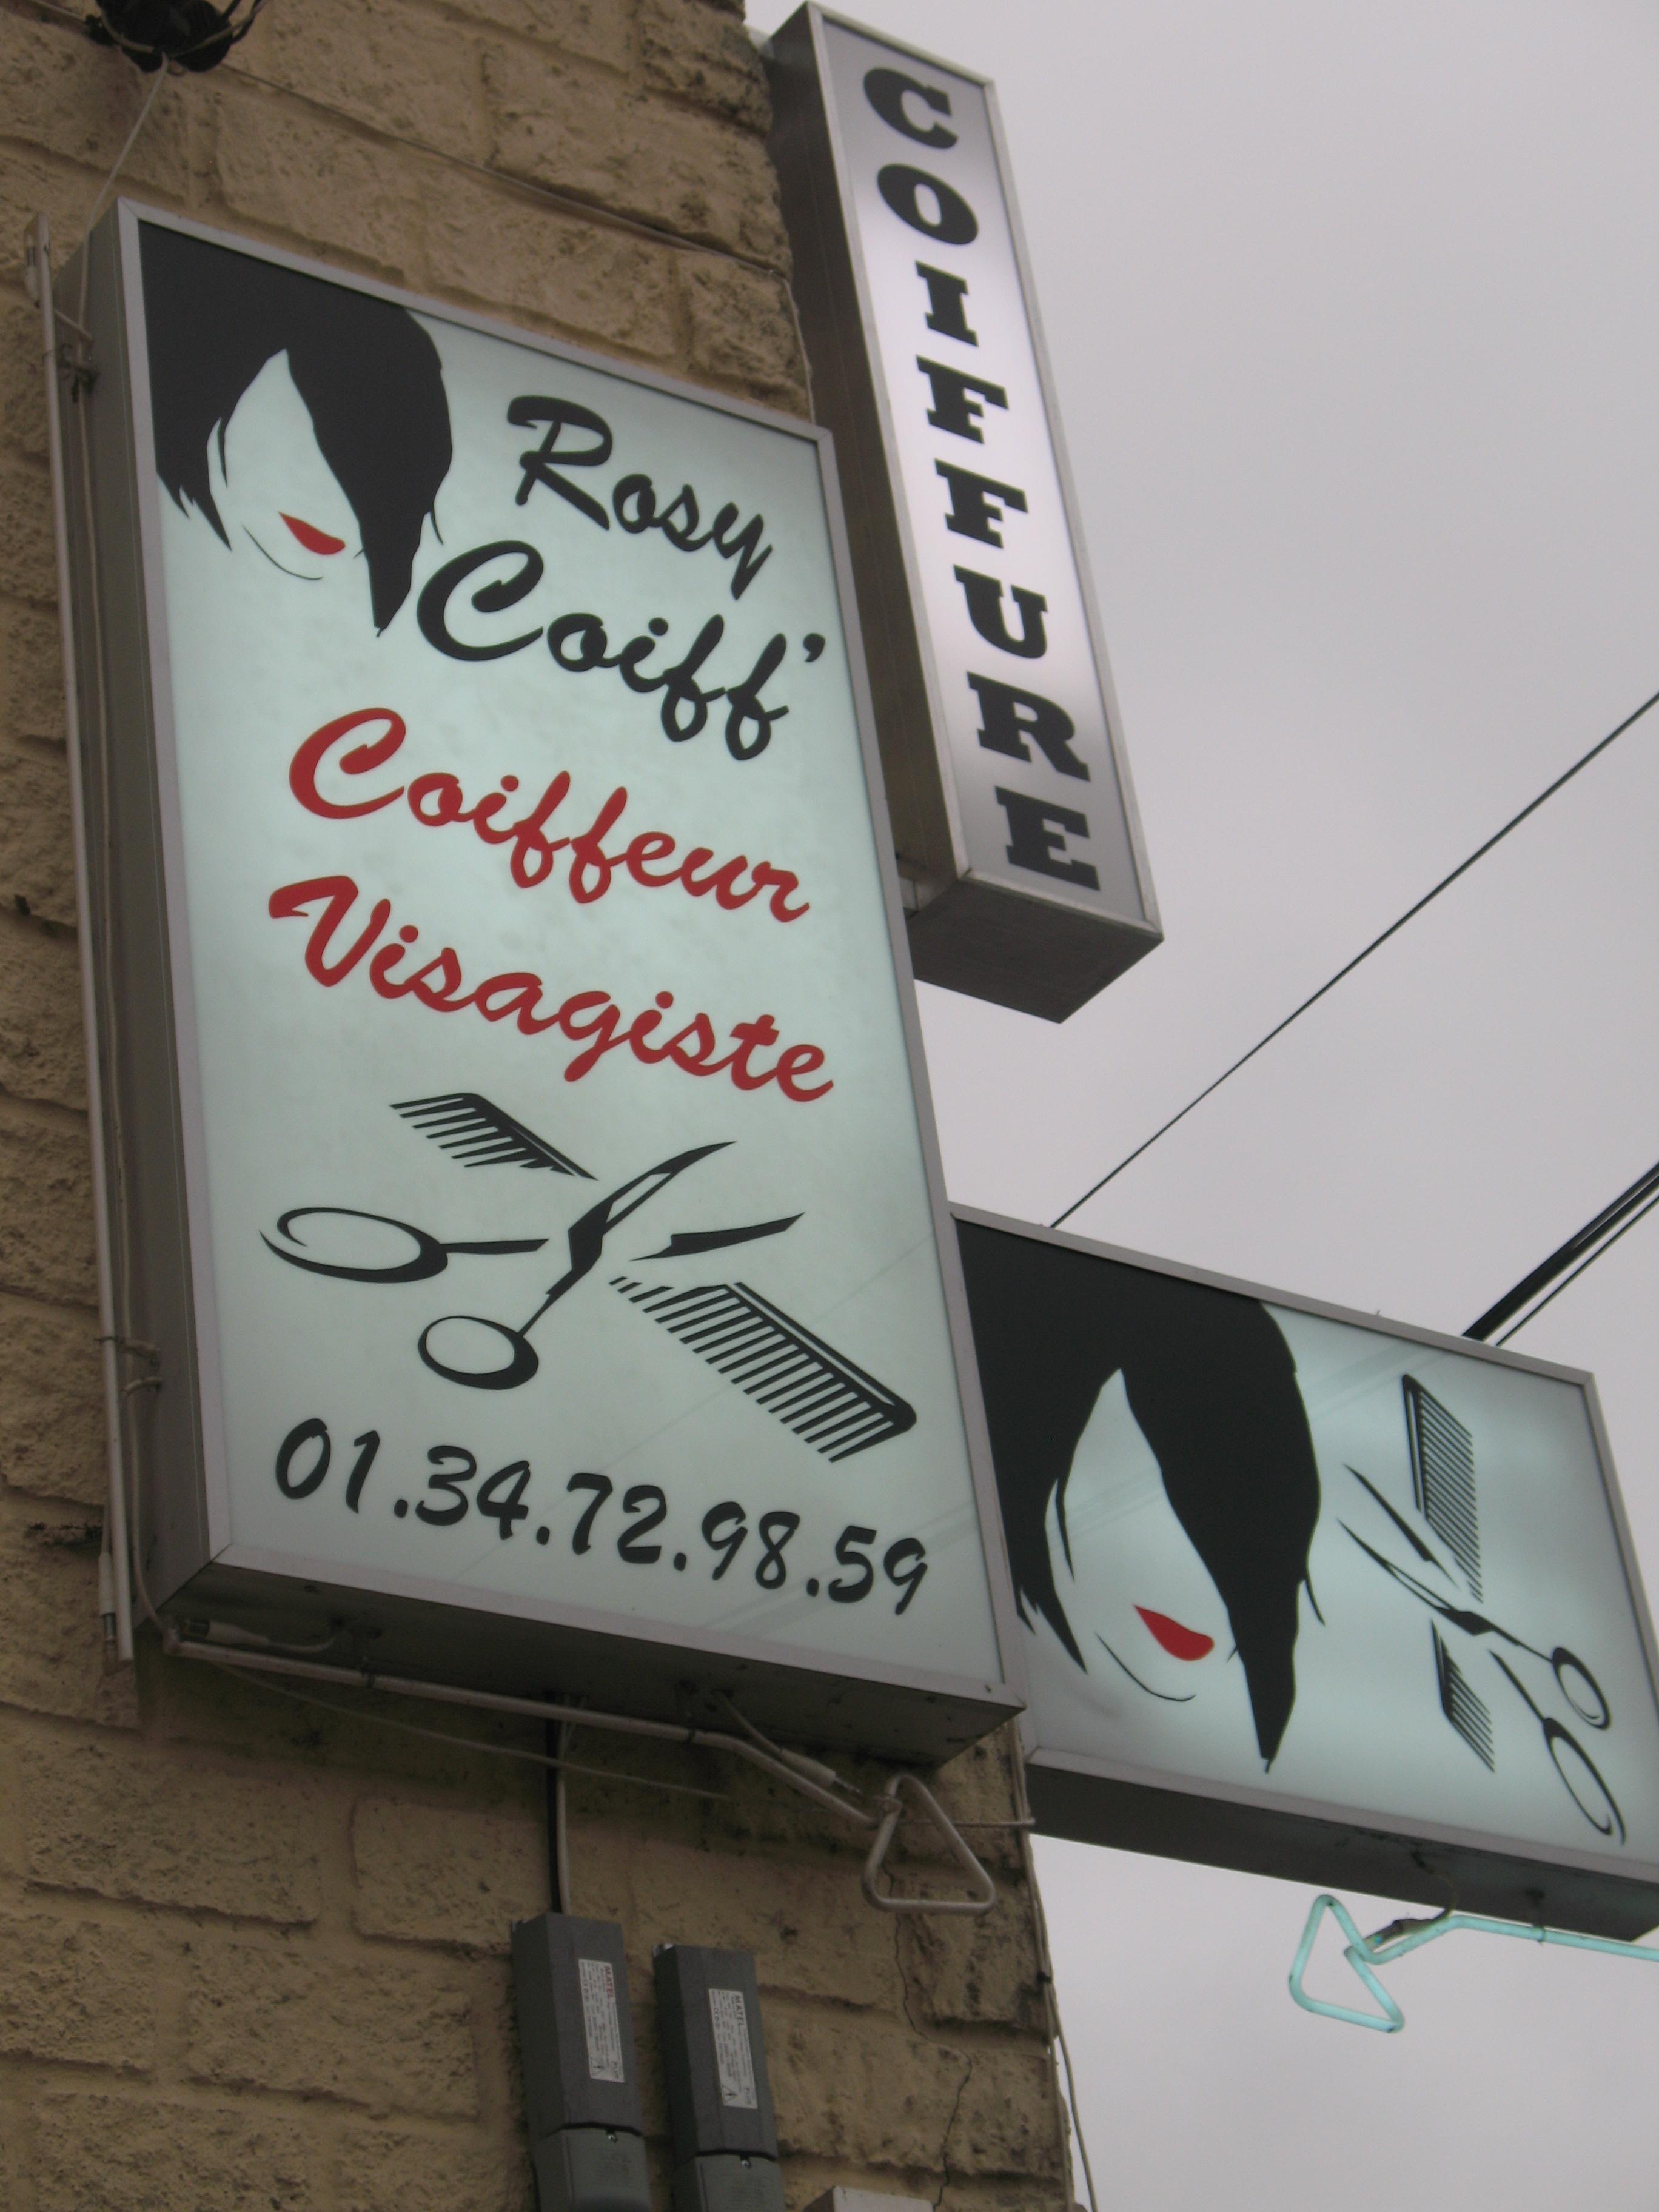 Rosy Coiff